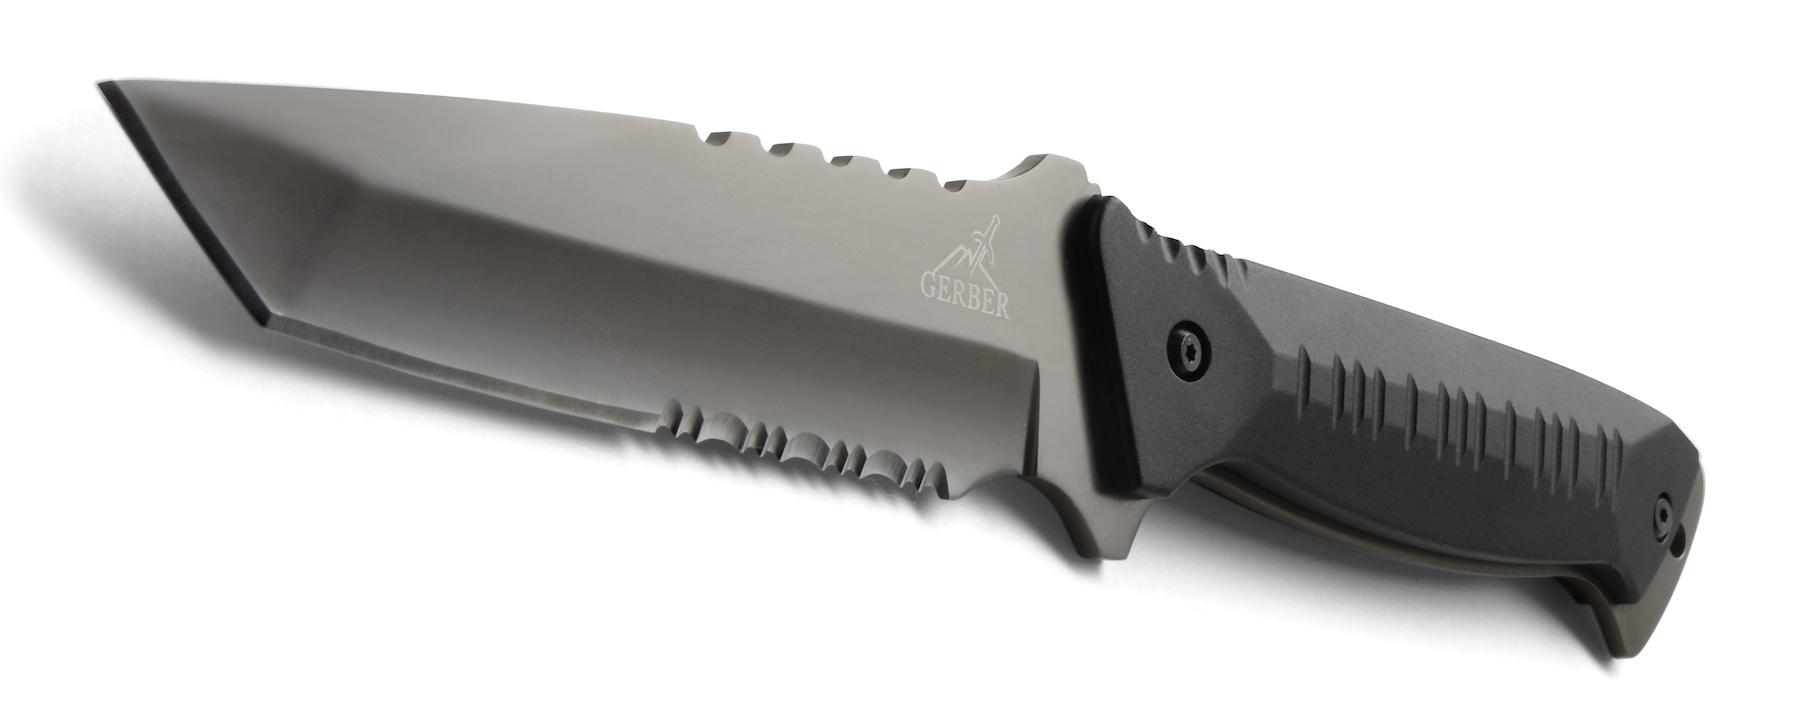 Gerber Warrant - Messer